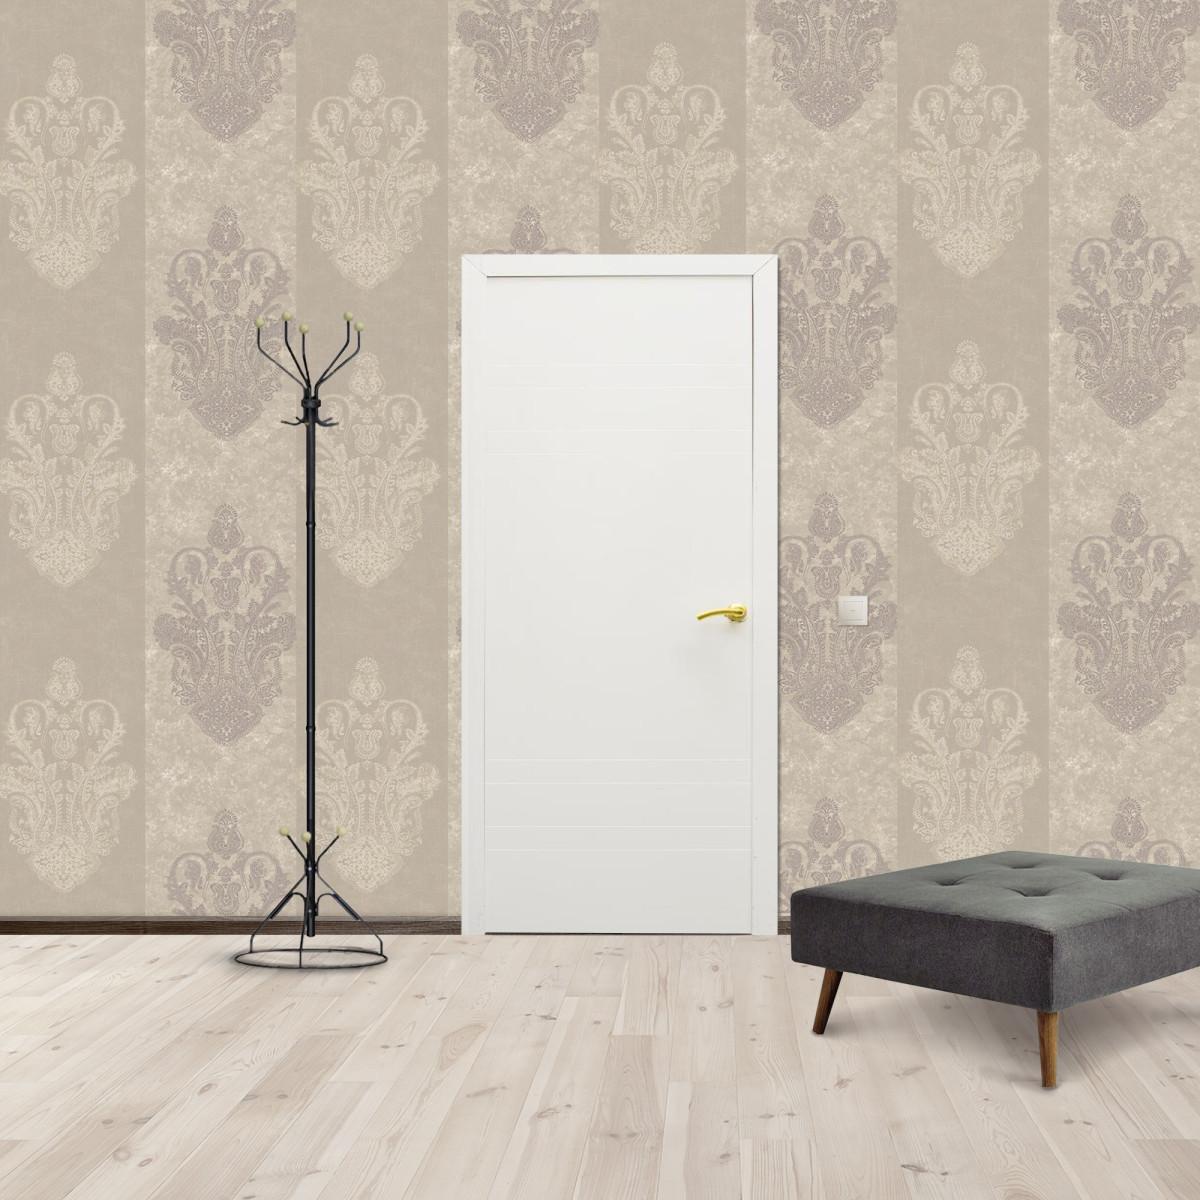 Дверь Межкомнатная Глухая Модерн 90x200 Ламинация Цвет Белый